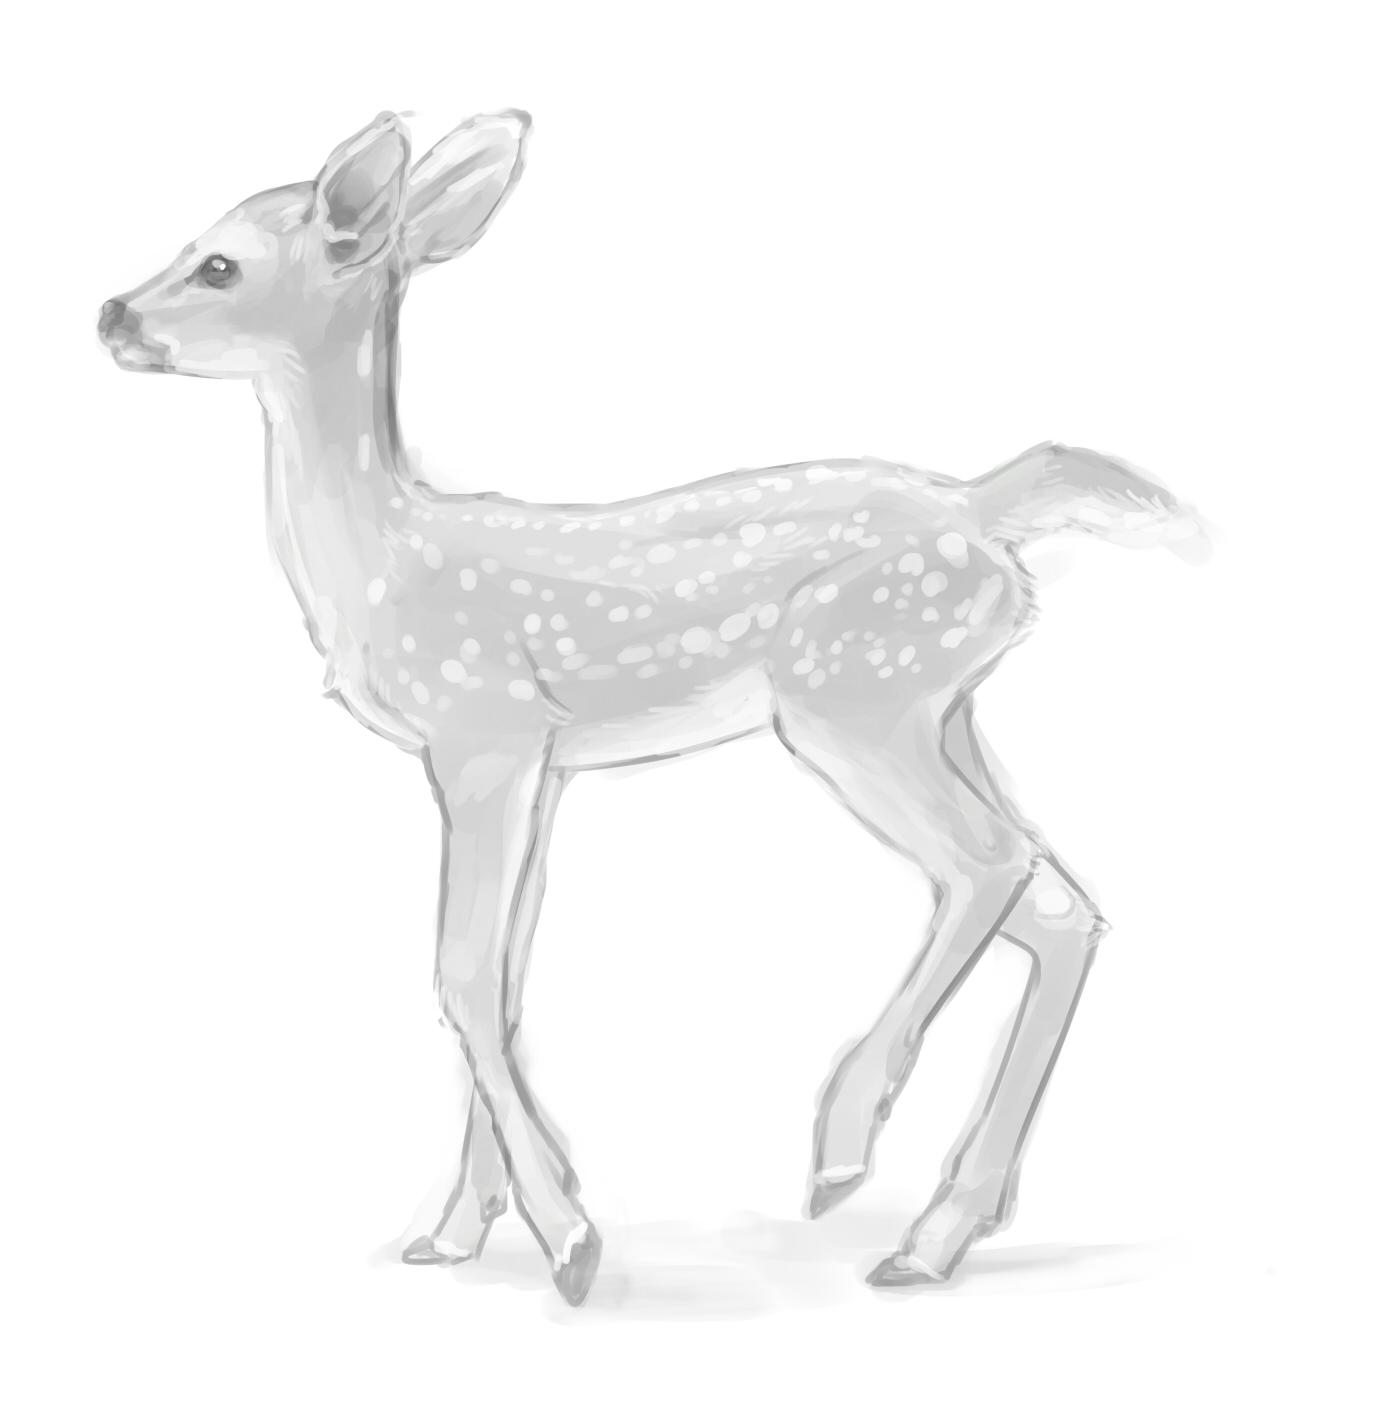 fawn sketch fawn wetcanvas sketch fawn